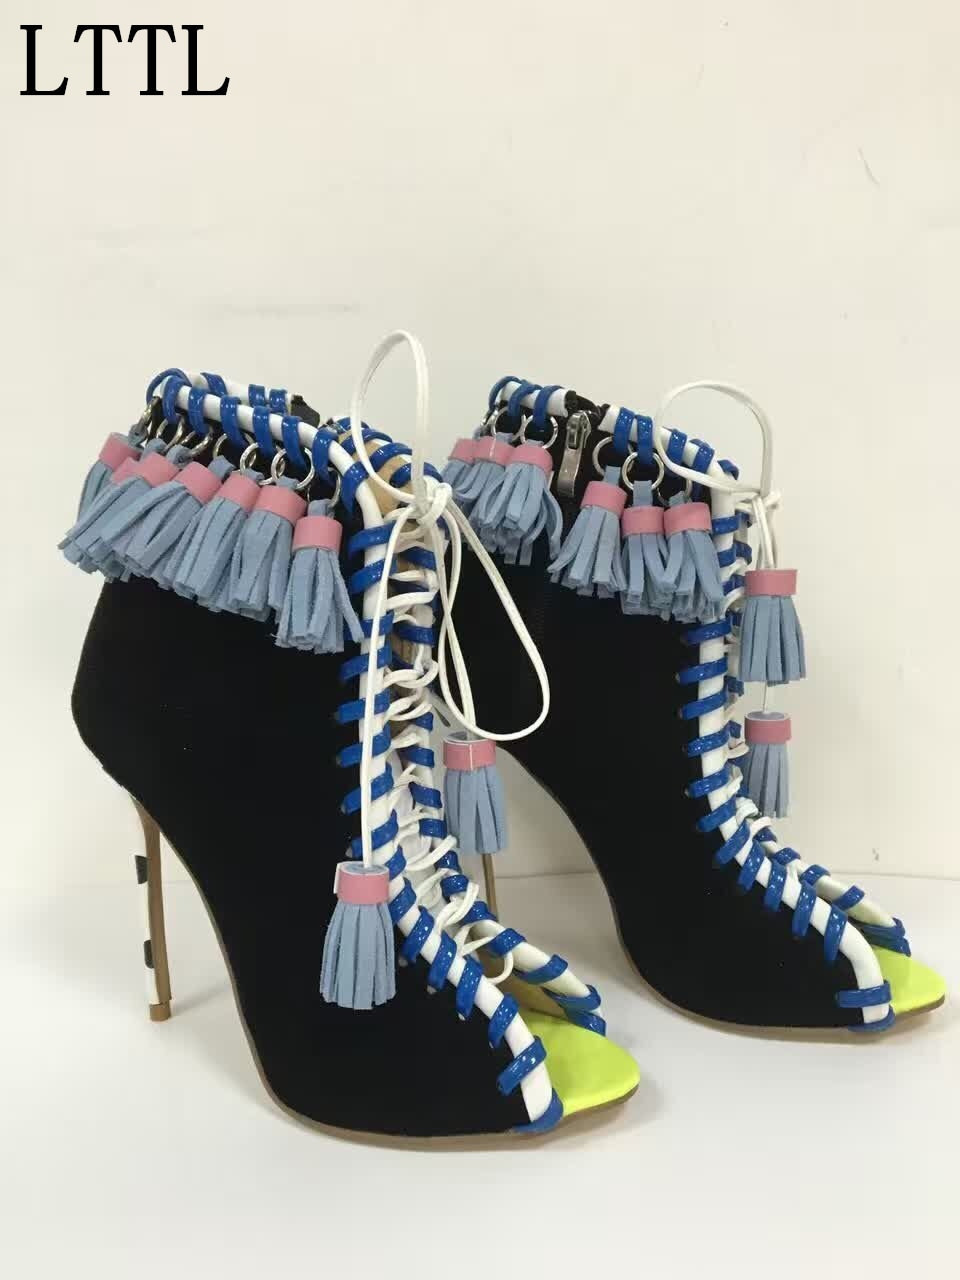 Primavera otoño Comercio exterior cuero genuino encaje-up borla pescado boca ahueca hacia fuera zapatos de tacón alto mujeres tobillo botas